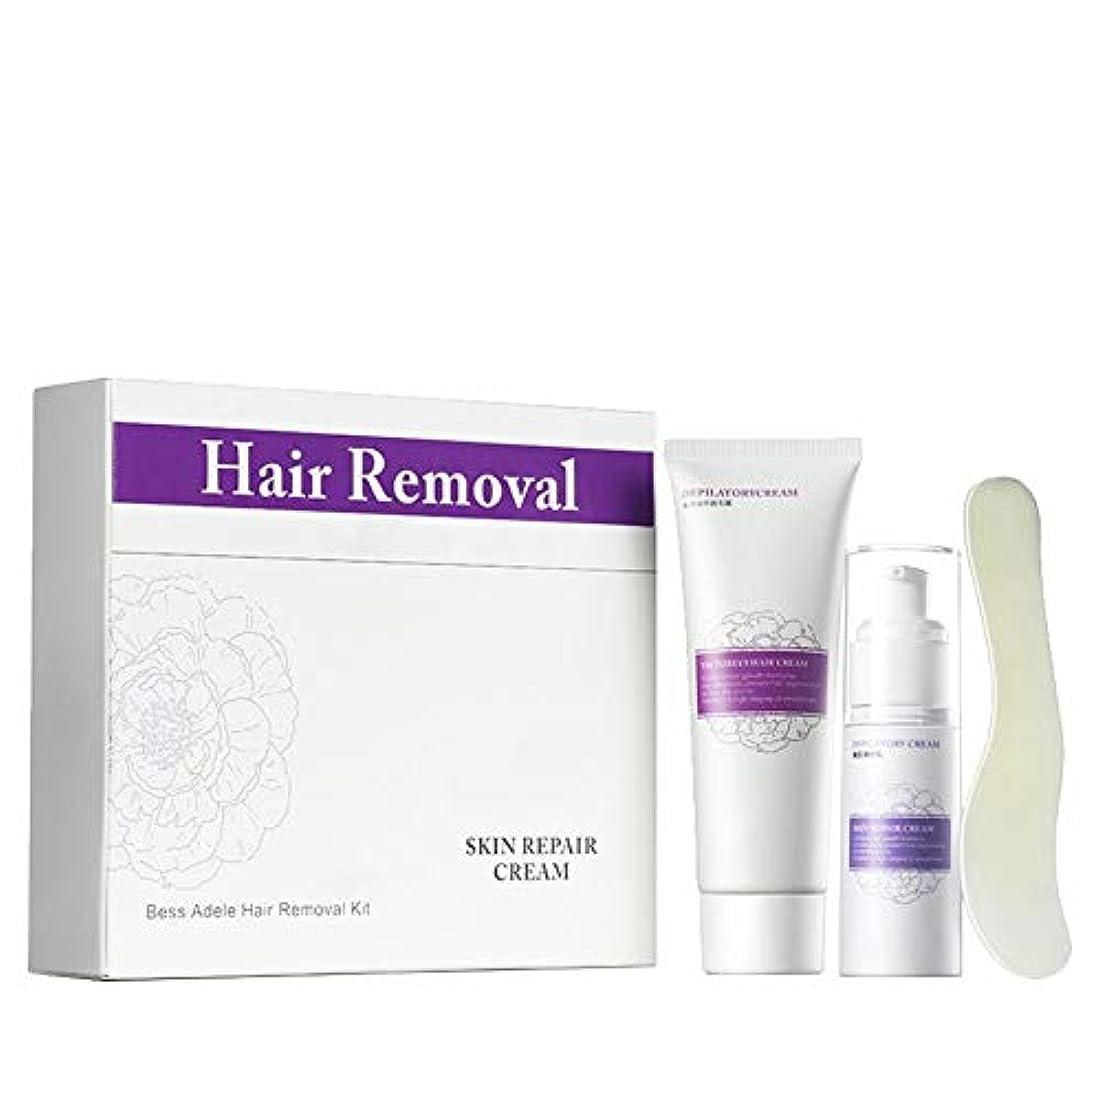 クレーン礼拝雄大な除毛クリーム 修復用ミルクスクレーパー優しい脱毛は肌を傷つけません、ファースト&シンプル、肌の潤いを和らげ、保ちます